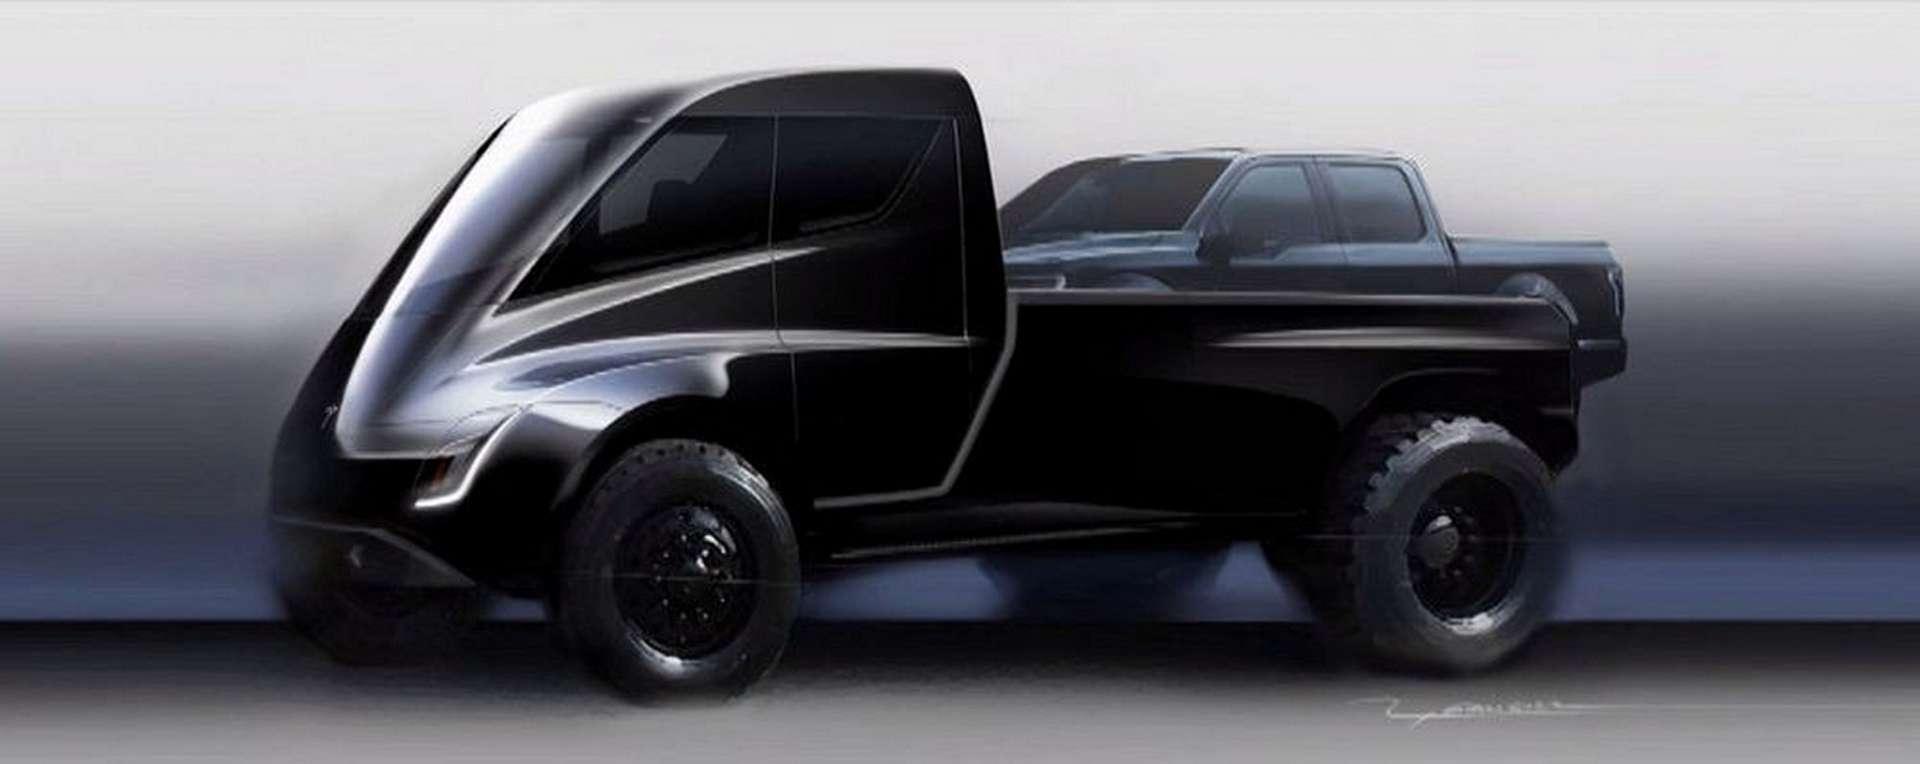 Le pick-up électrique de Tesla pourrait être dévoilé dès cet été. © Tesla